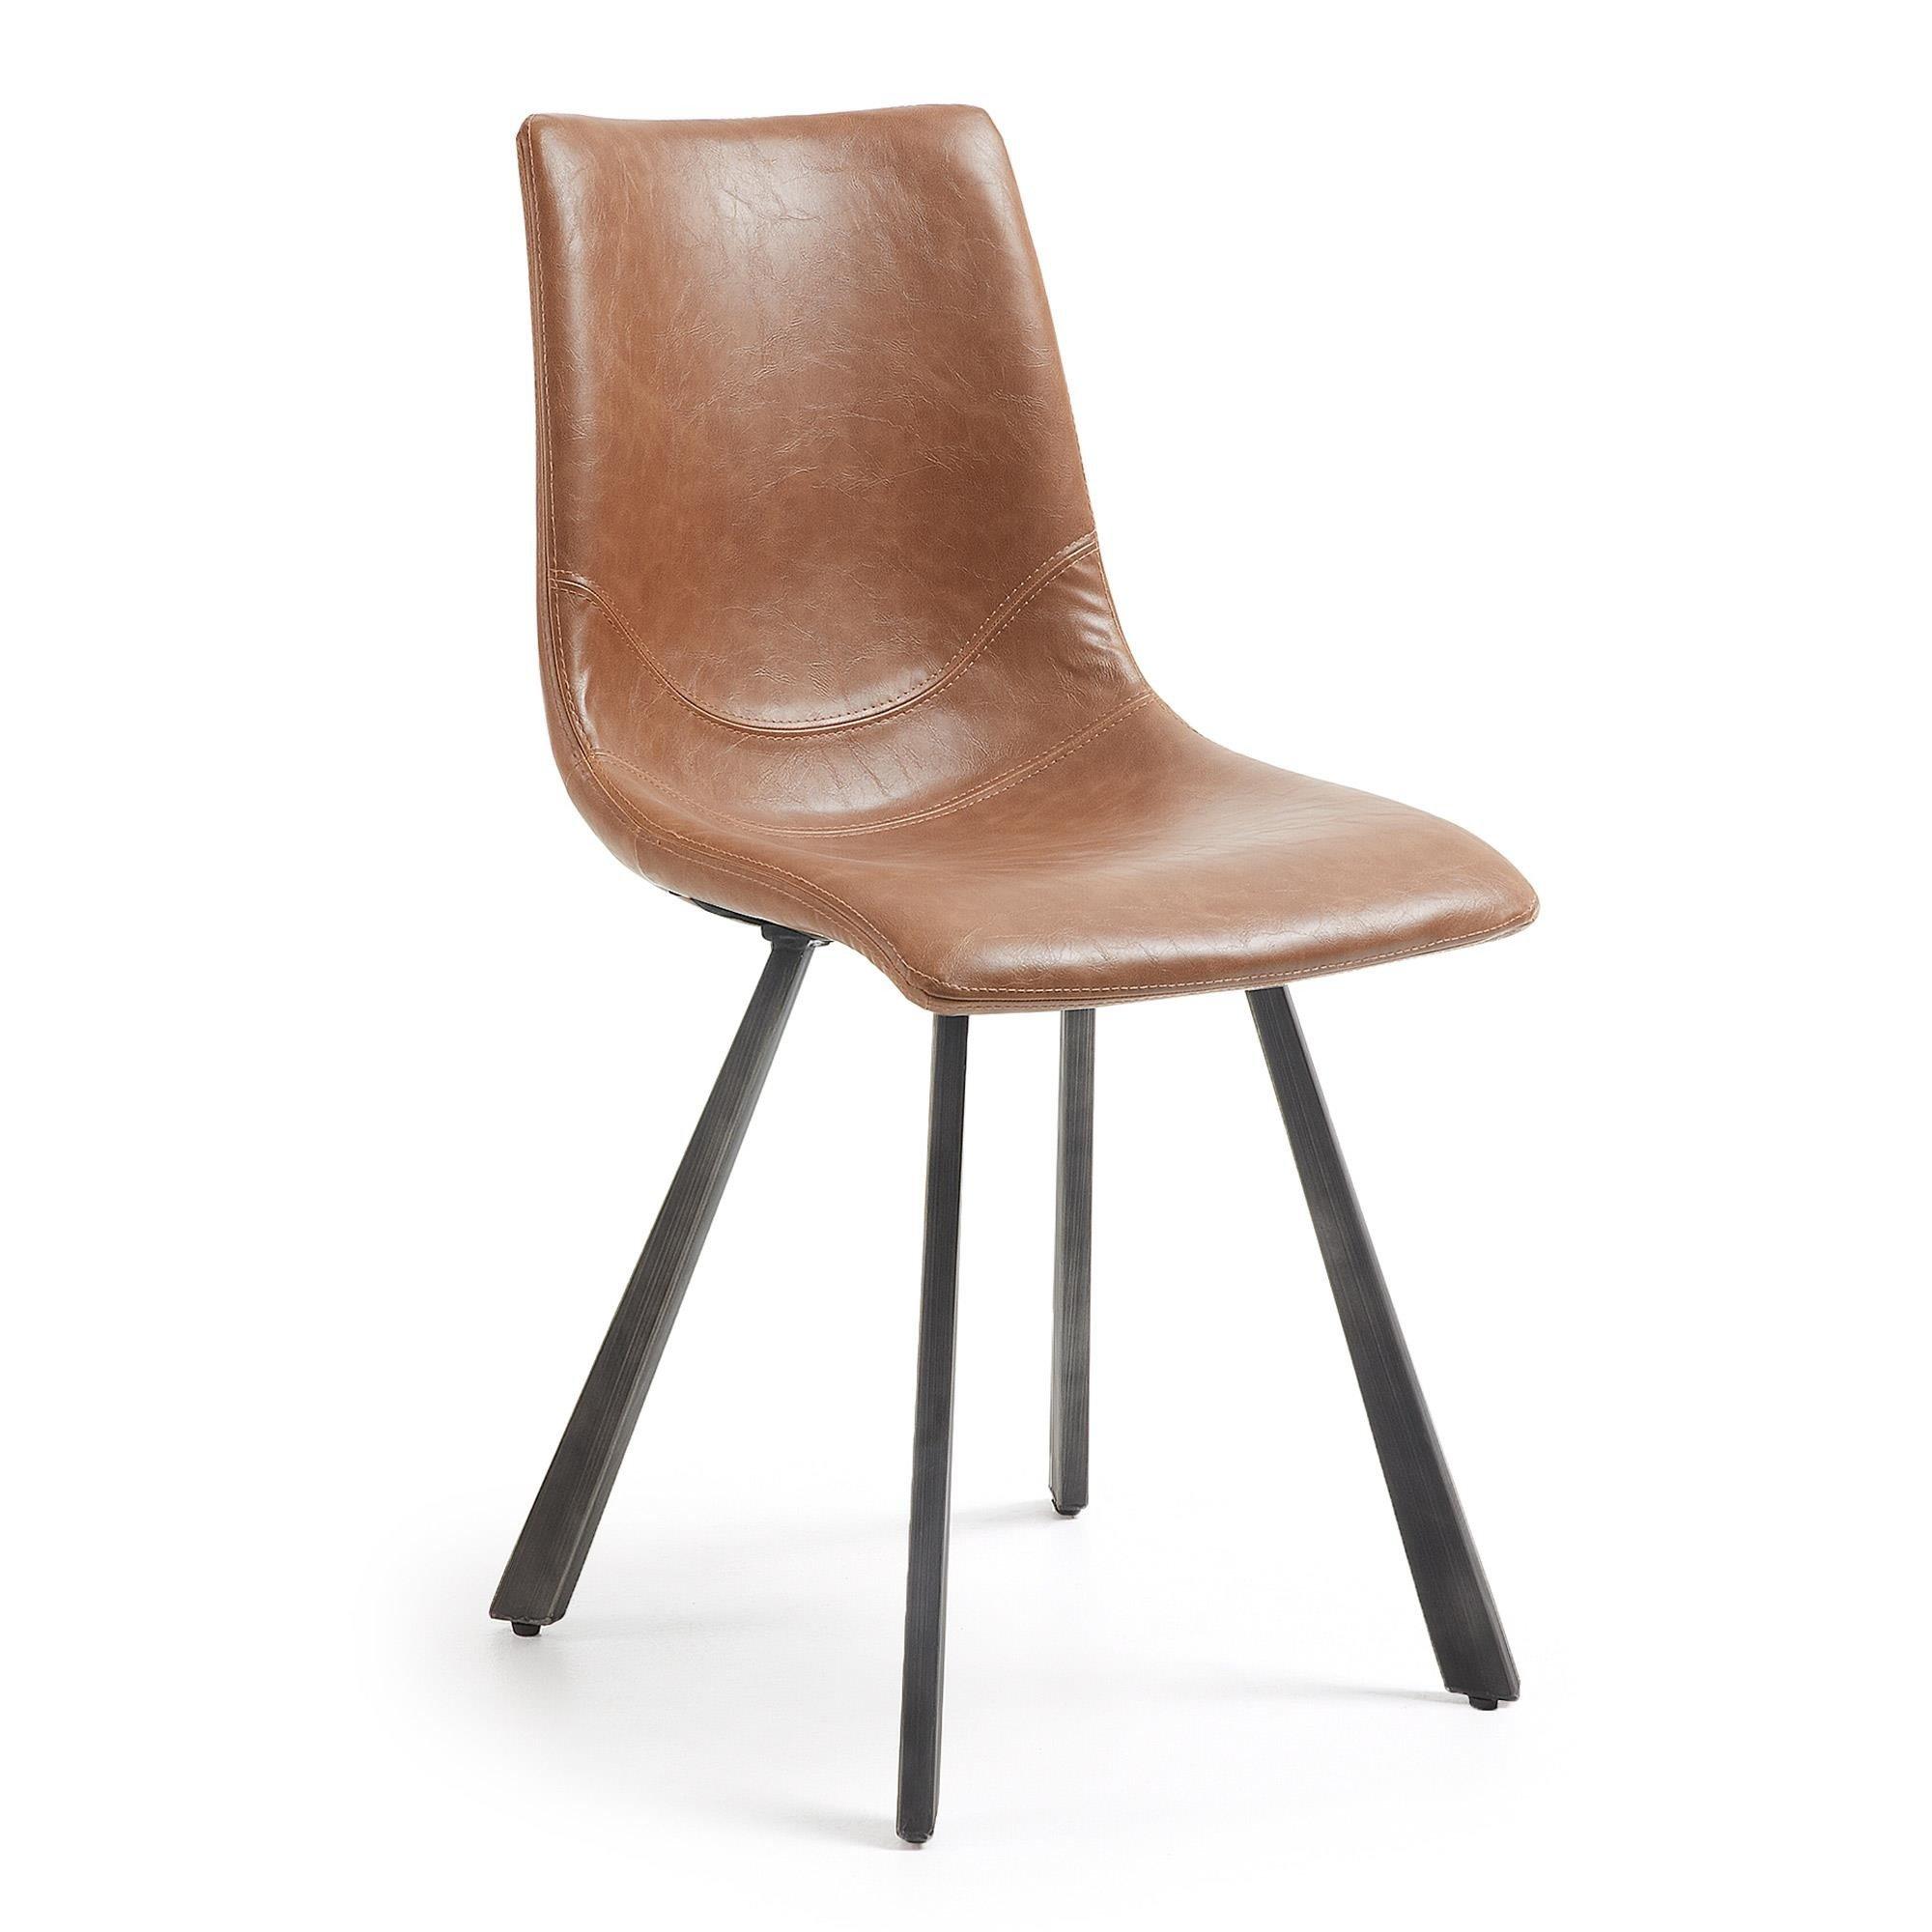 Krzesło PALABRA 45x49 kolor brązowy